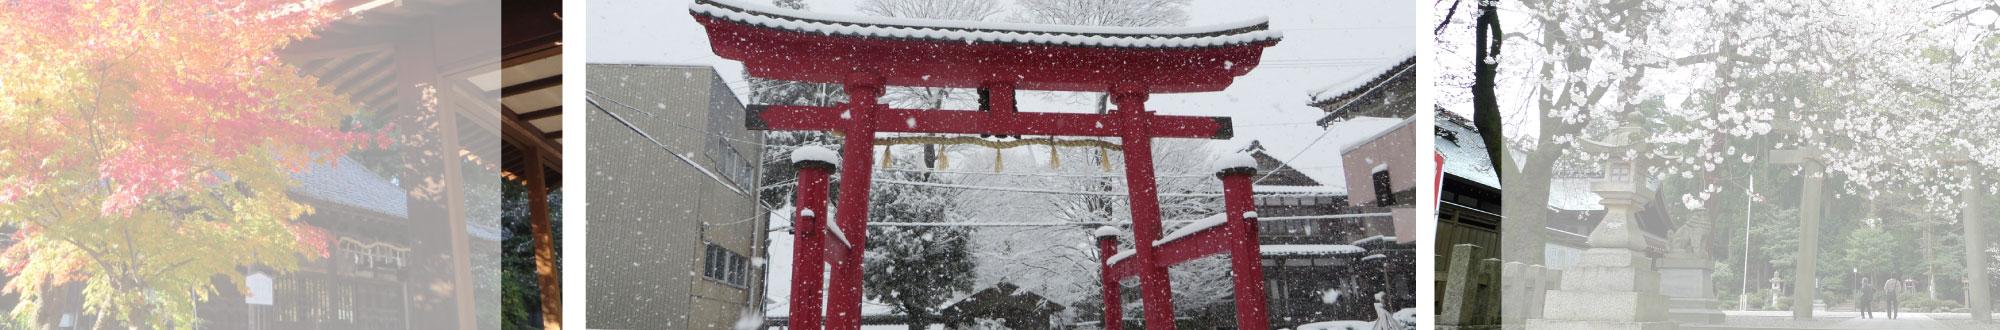 イメージ画像4:剣神社